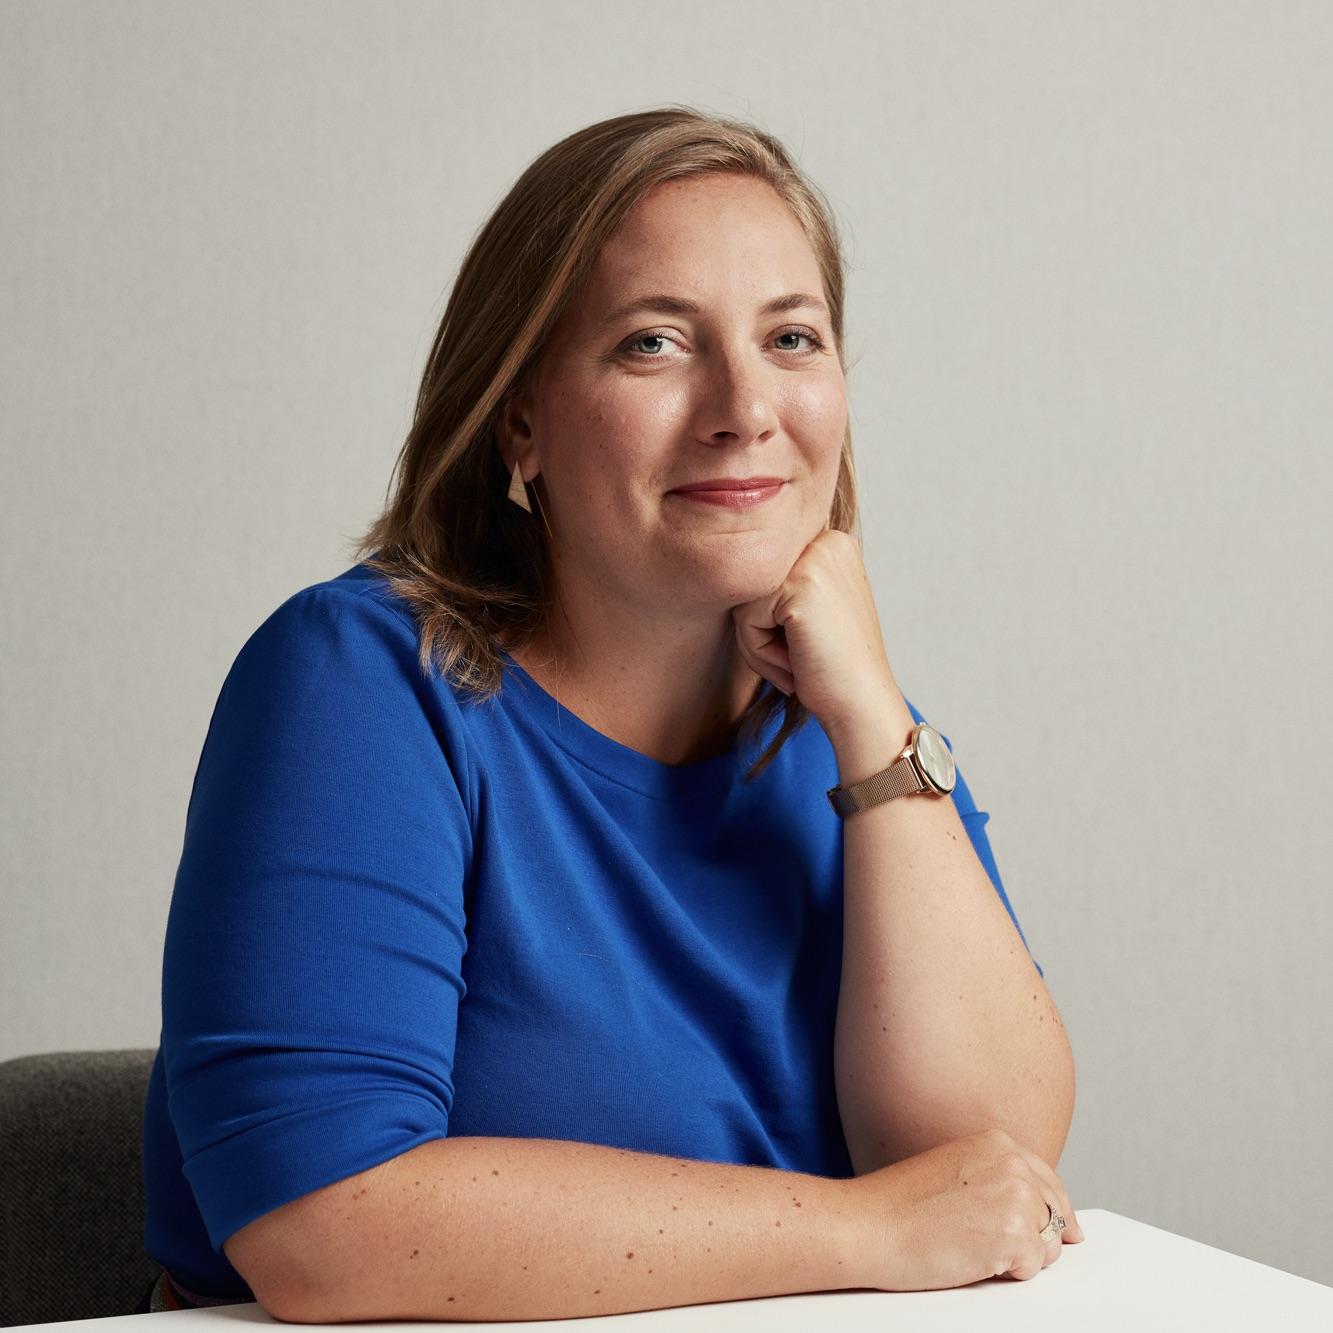 Laura Geerts